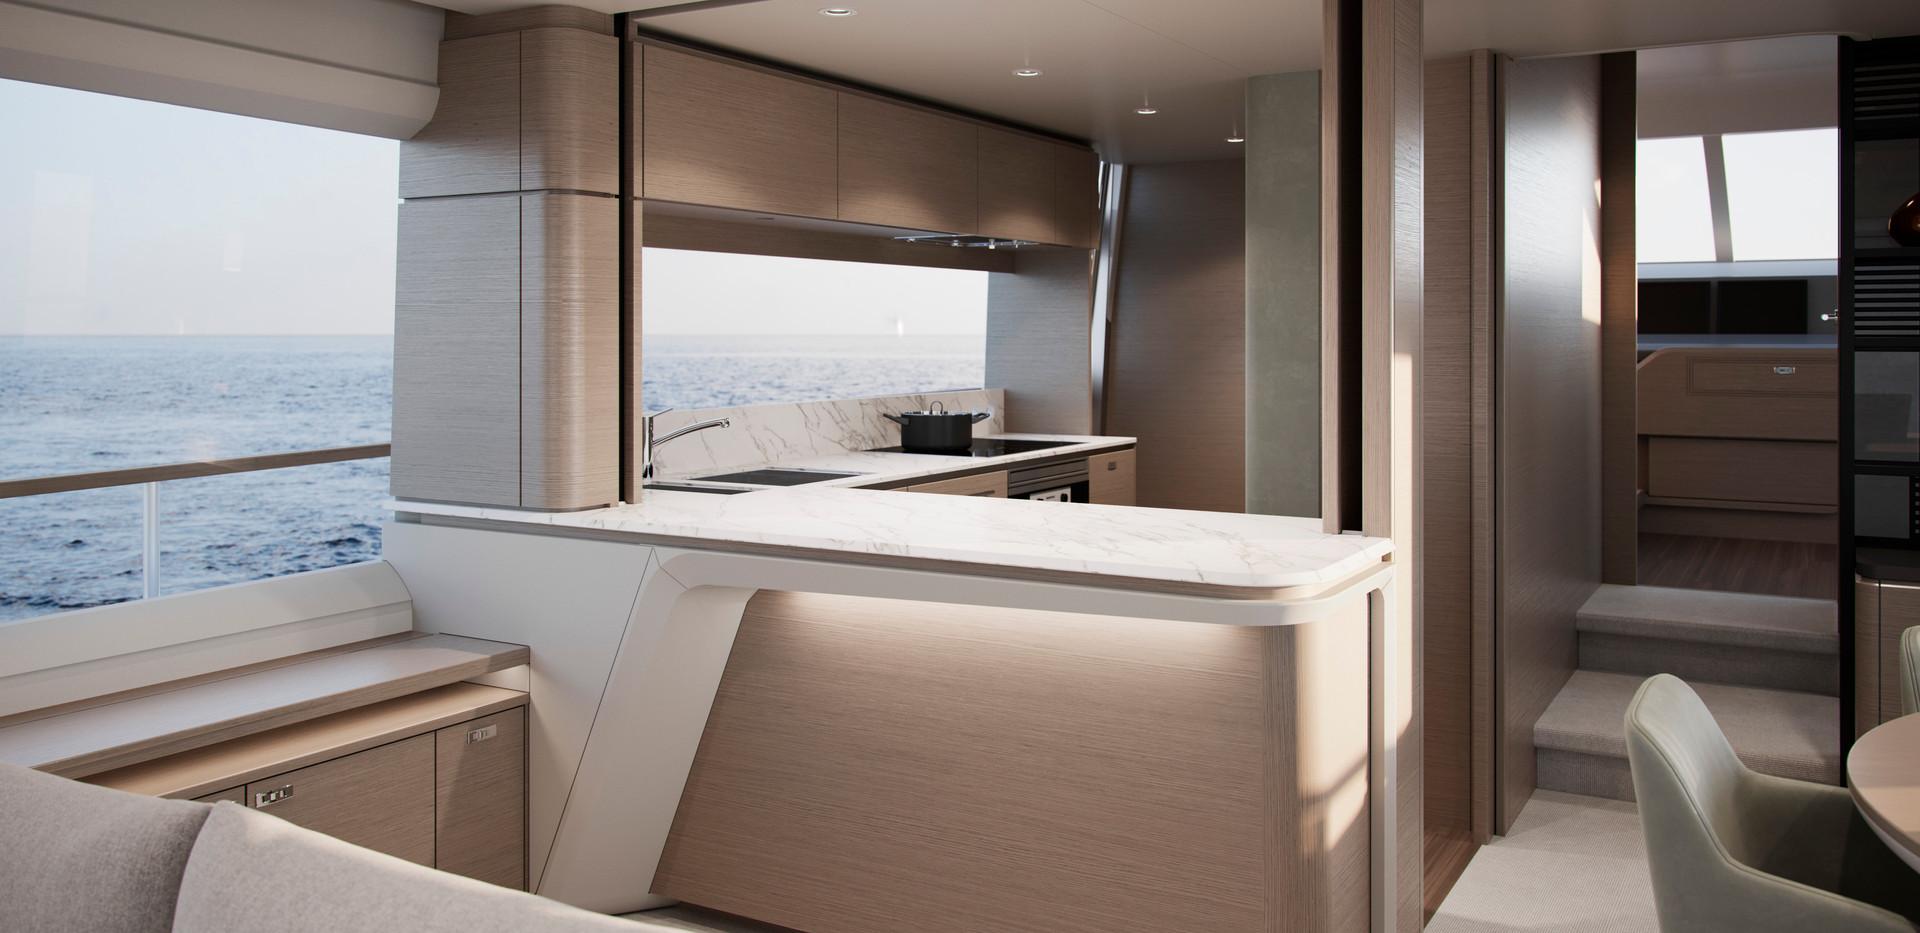 y85-interior-galley-cgi-silver-oak-satin